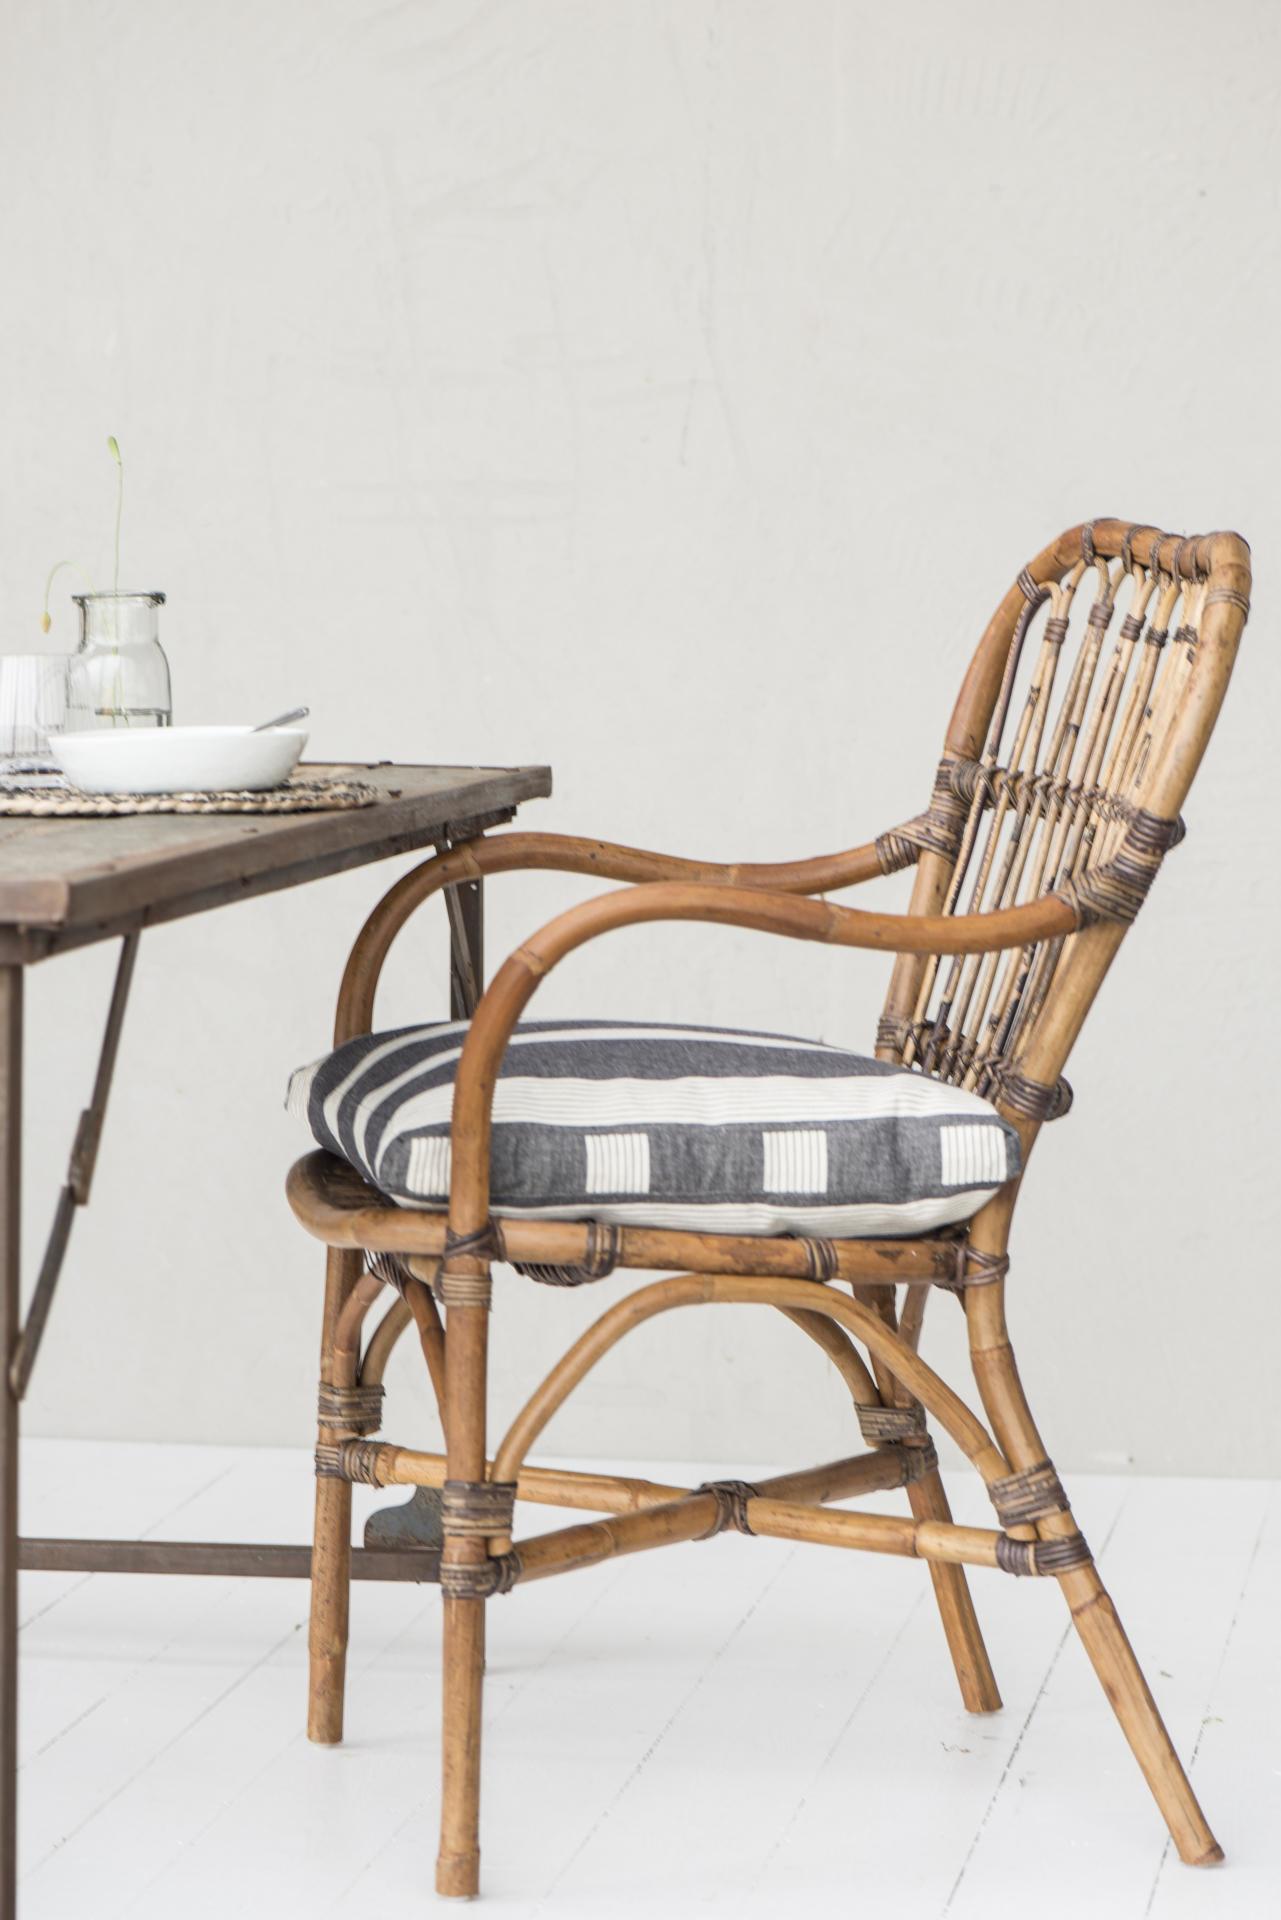 IB LAURSEN Ratanová židle Natural, hnědá barva, dřevo